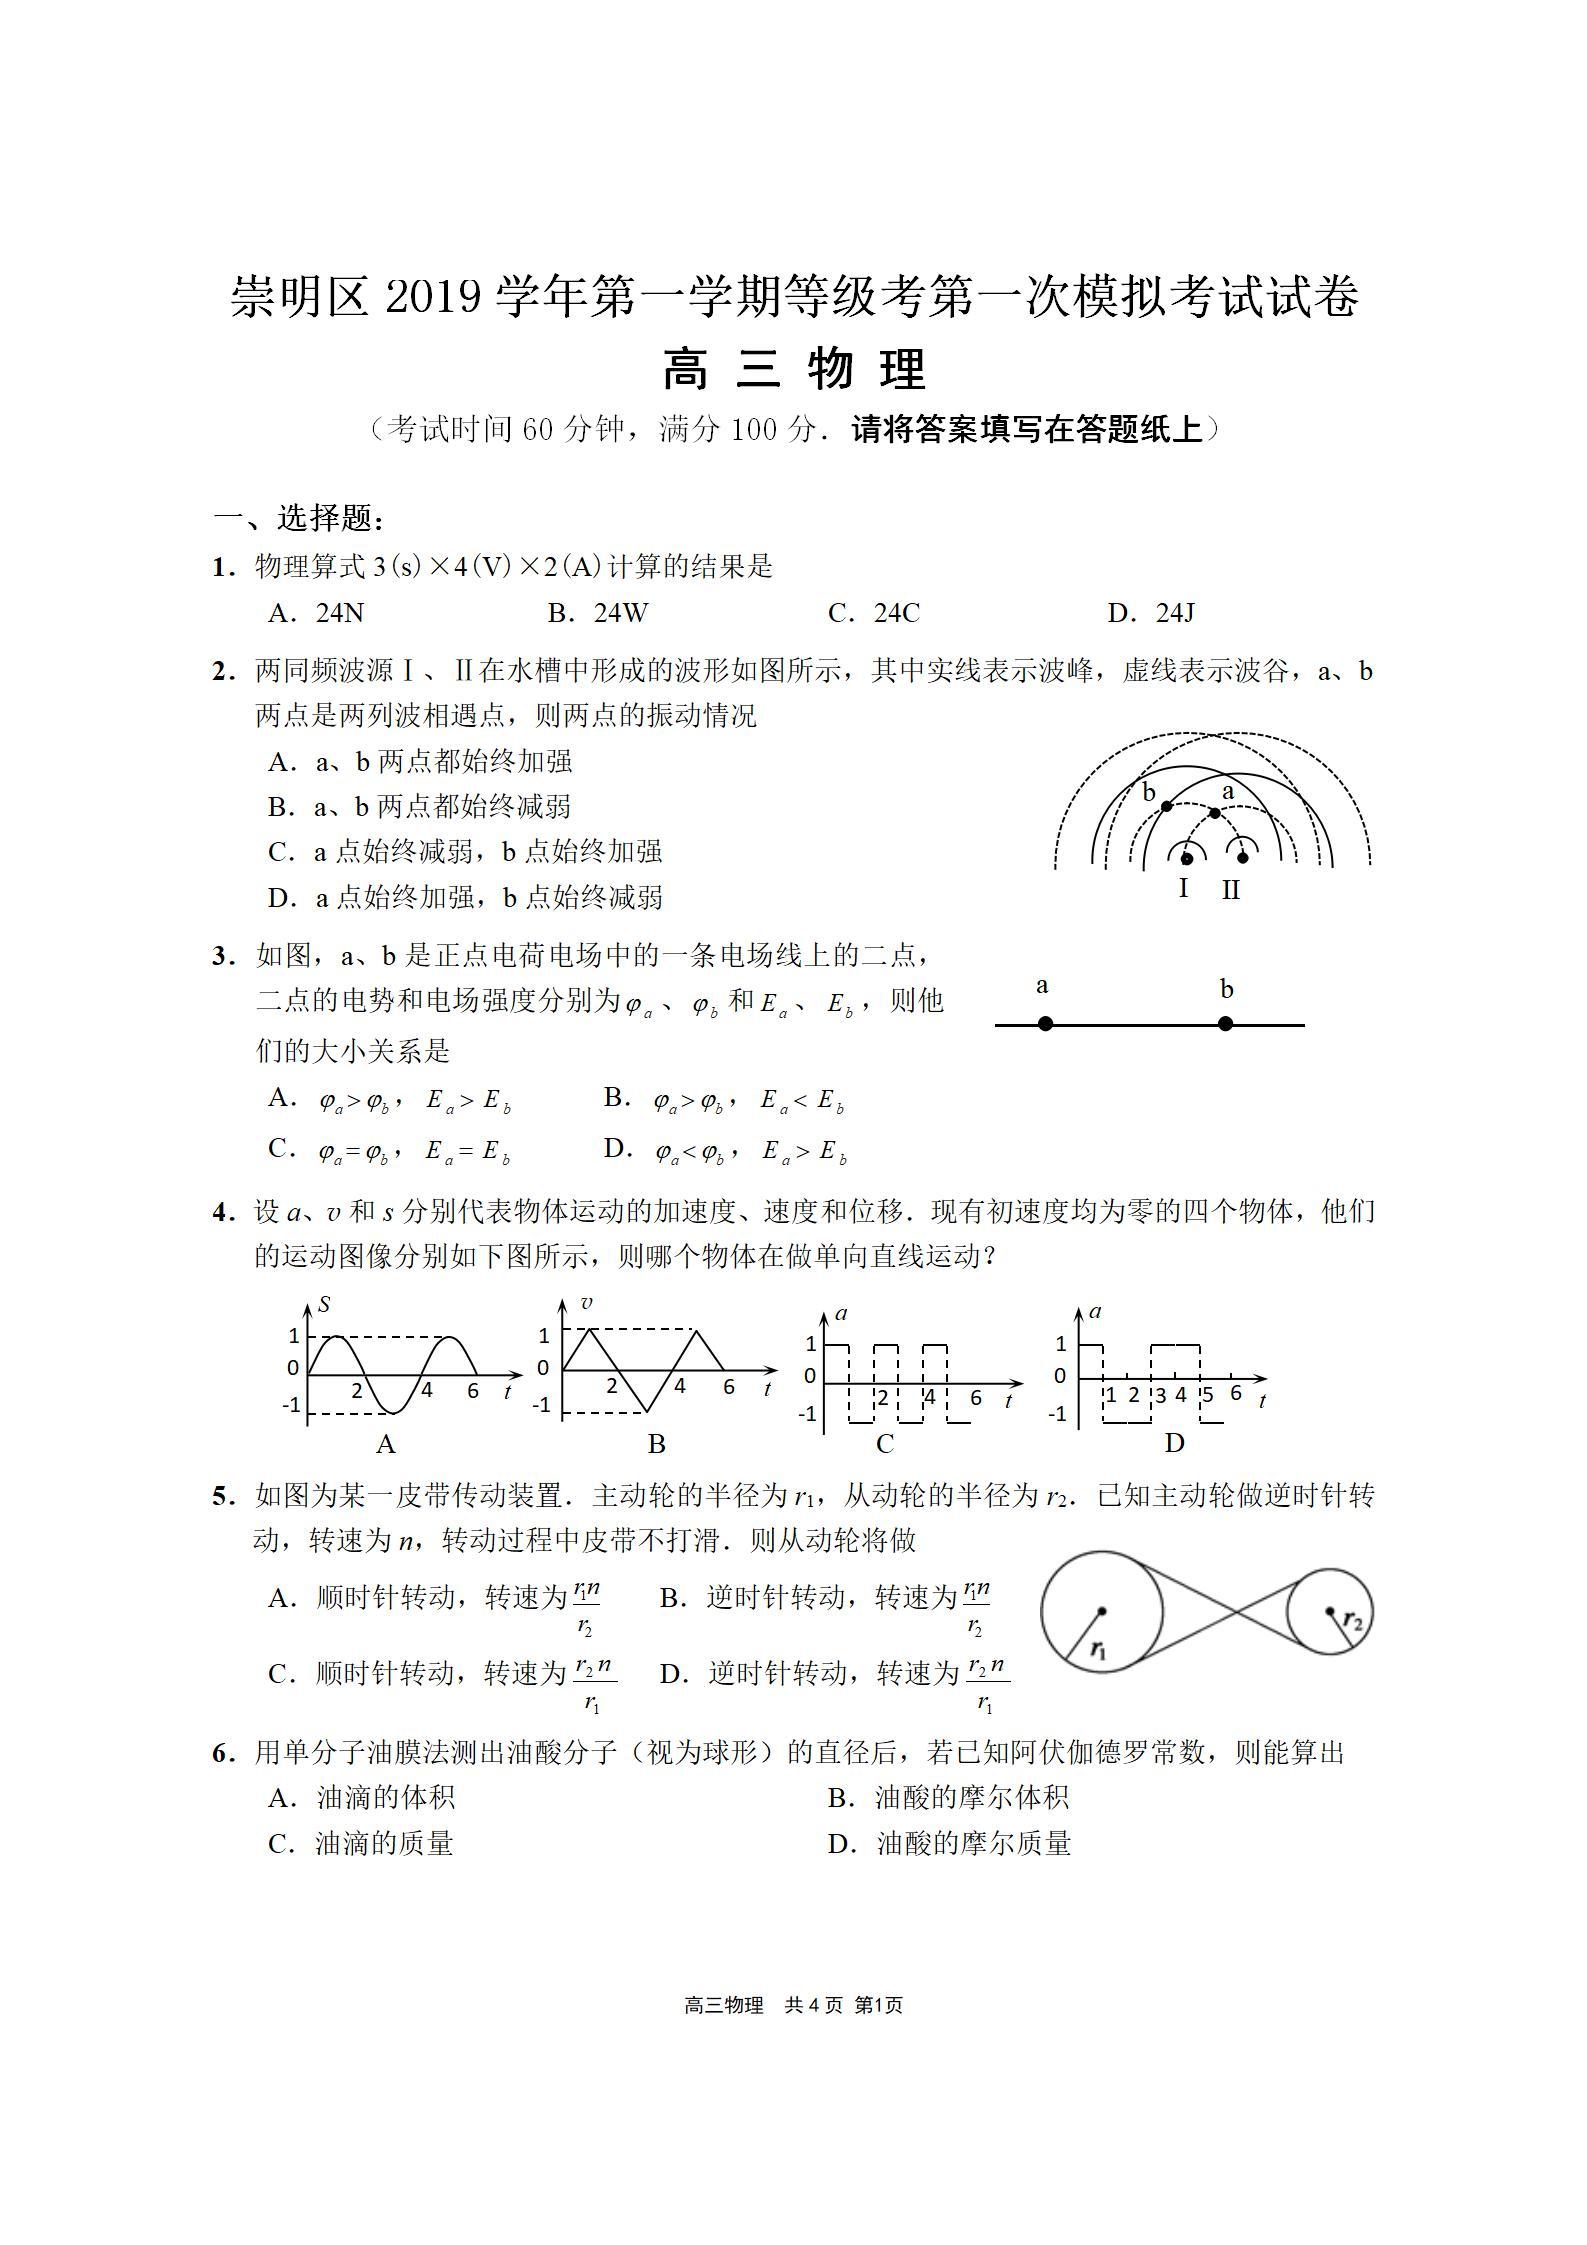 2020上海崇明高三一模(期末)物理试卷答案解析